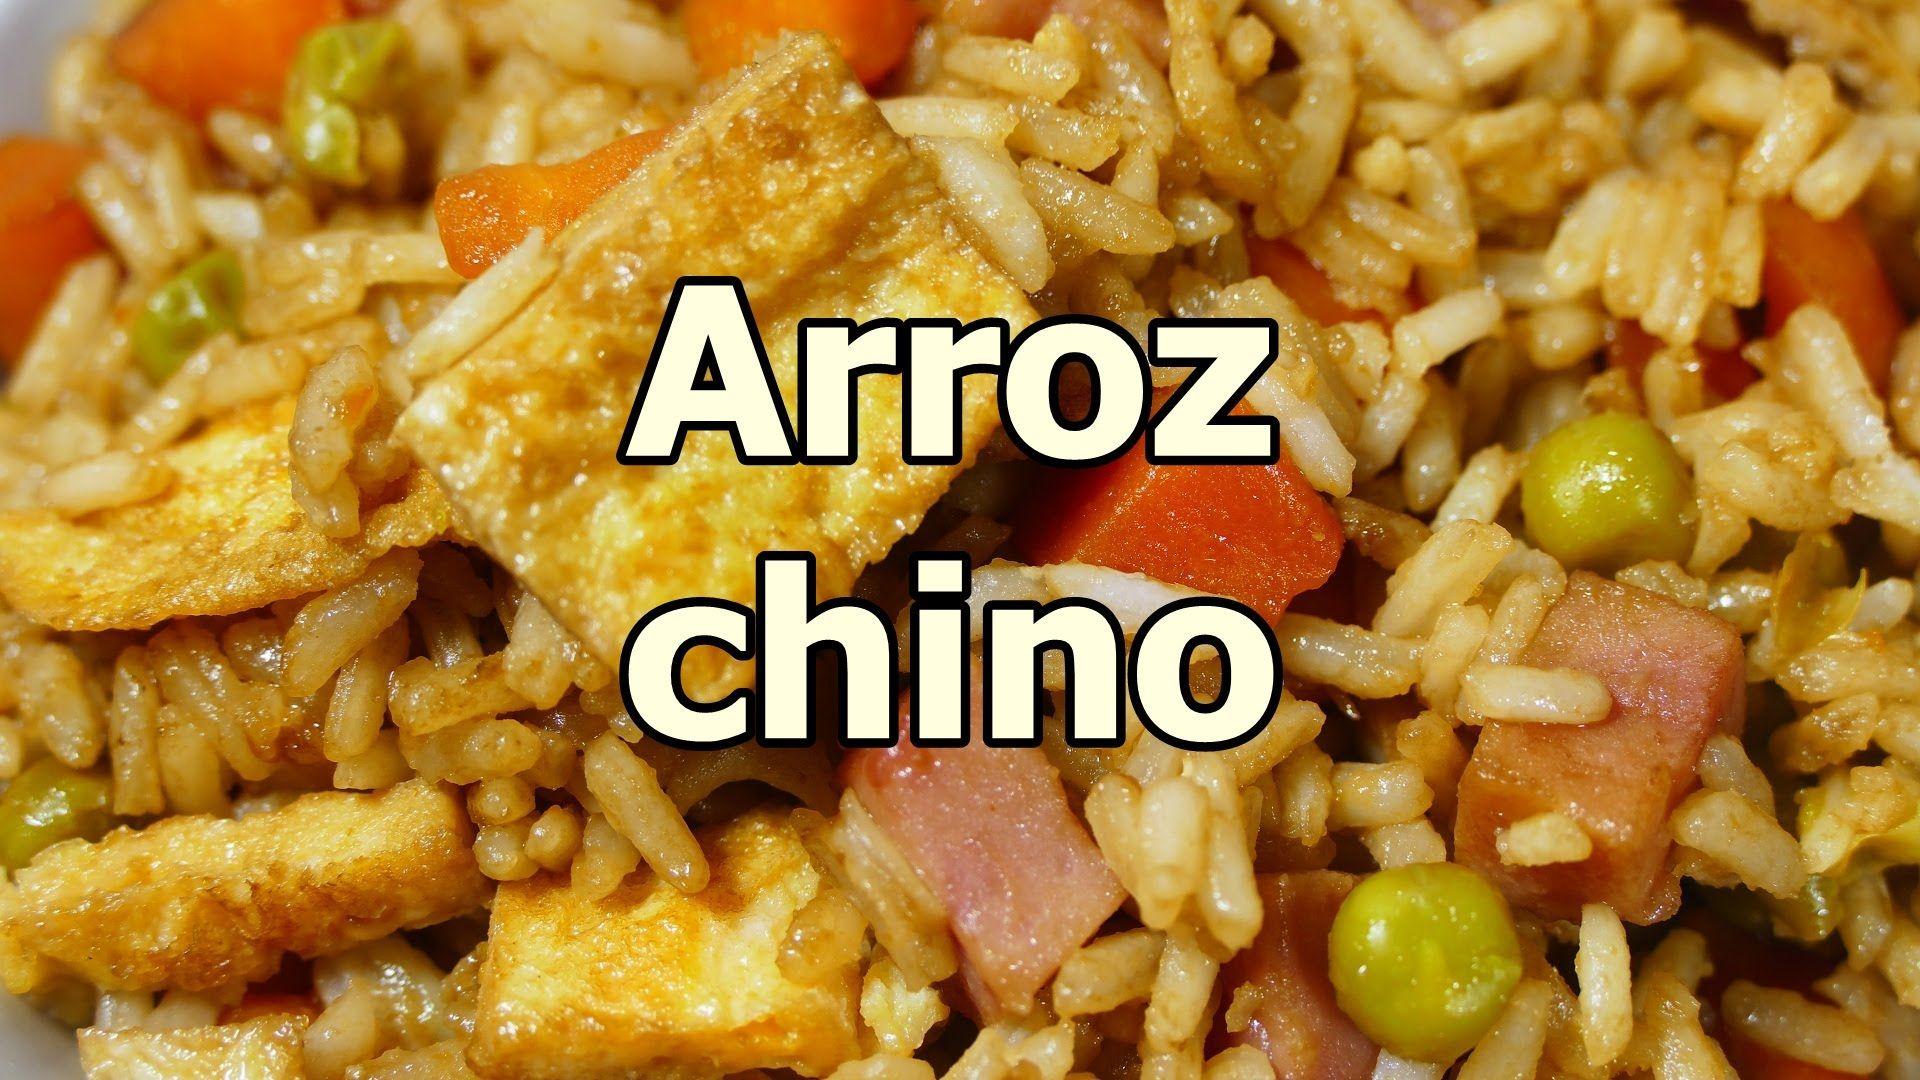 Arroz frito chino tres delicias recetas de cocina for Cenas rapidas y economicas